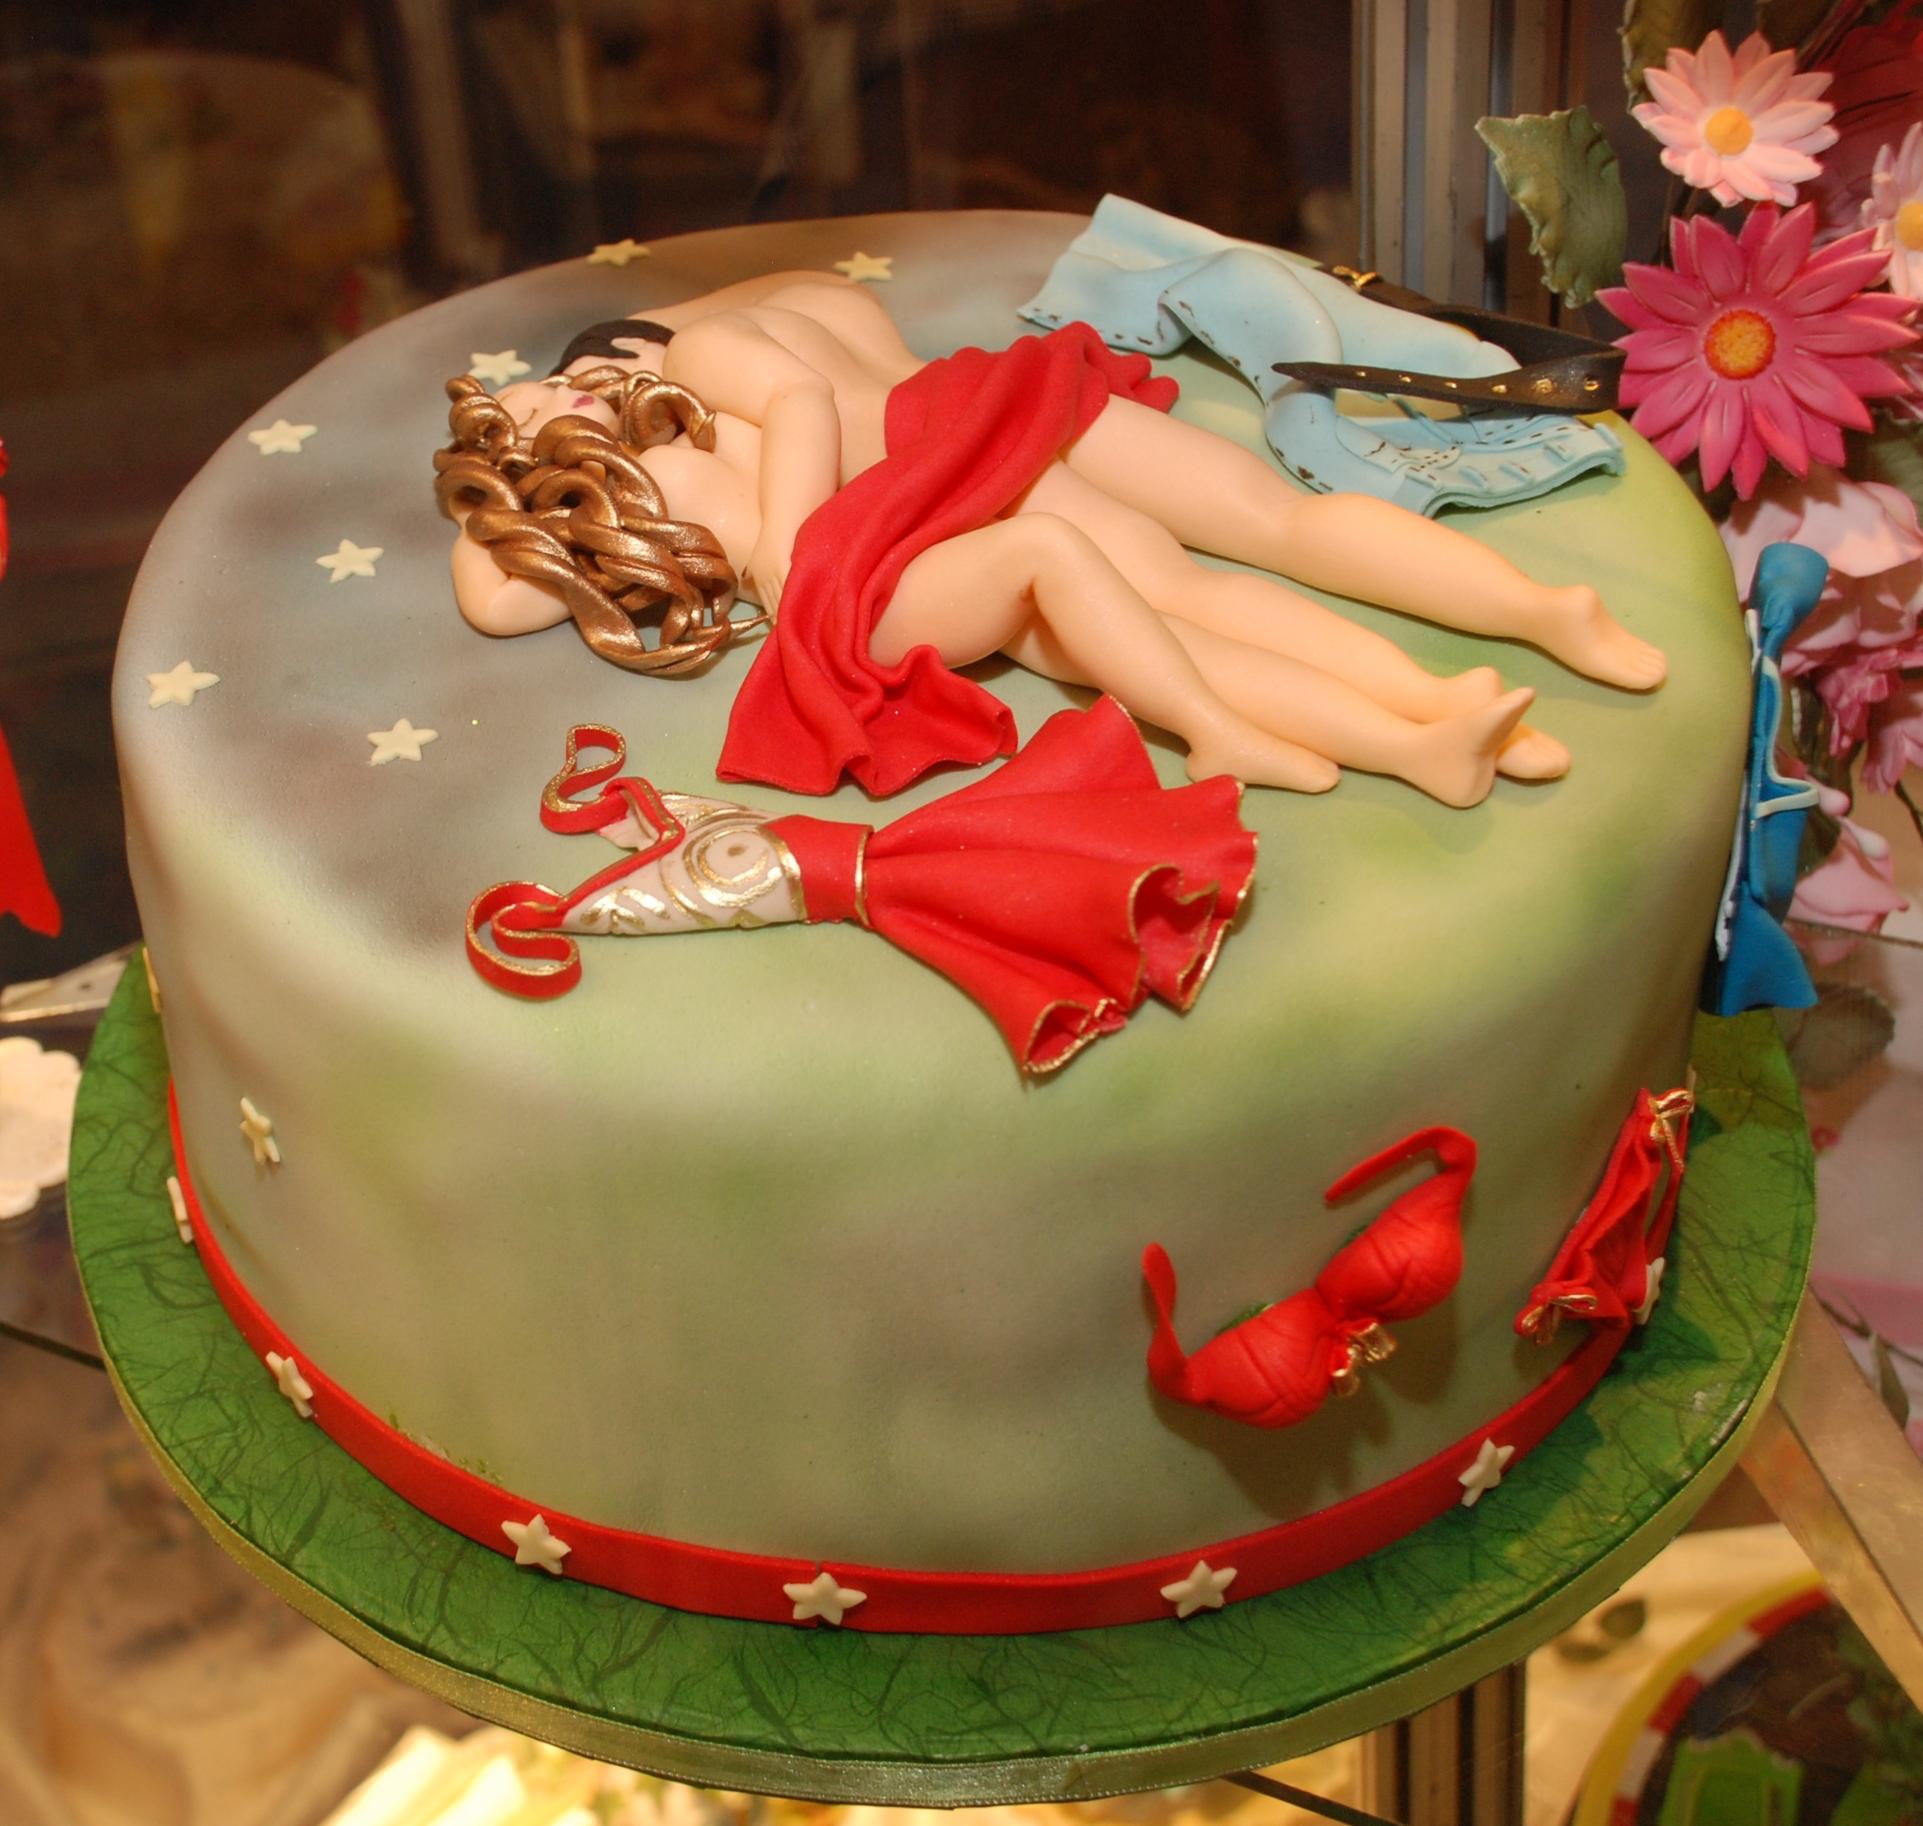 Секс с тортом фото 8 фотография